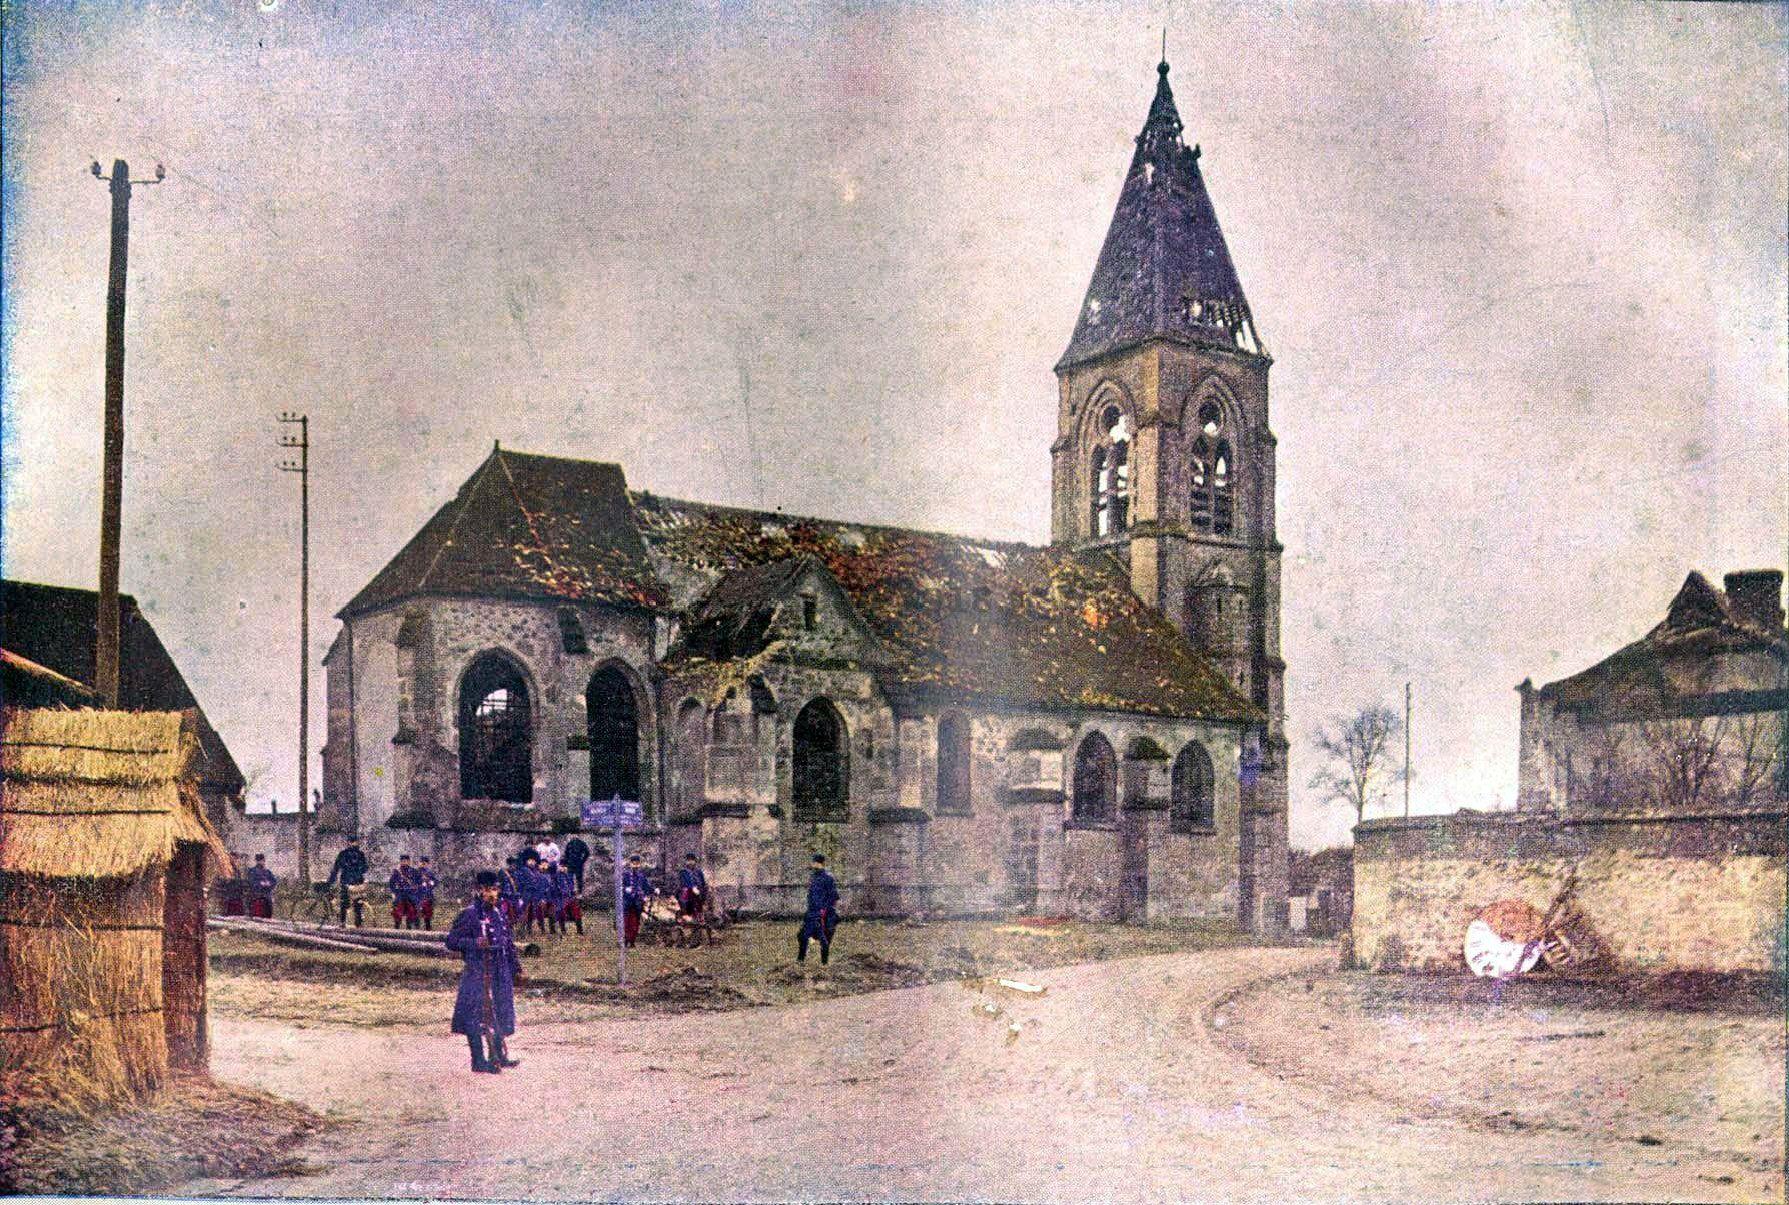 Bataille de la Marne - Photographie couleur prise en 1915 avec reconstitution.